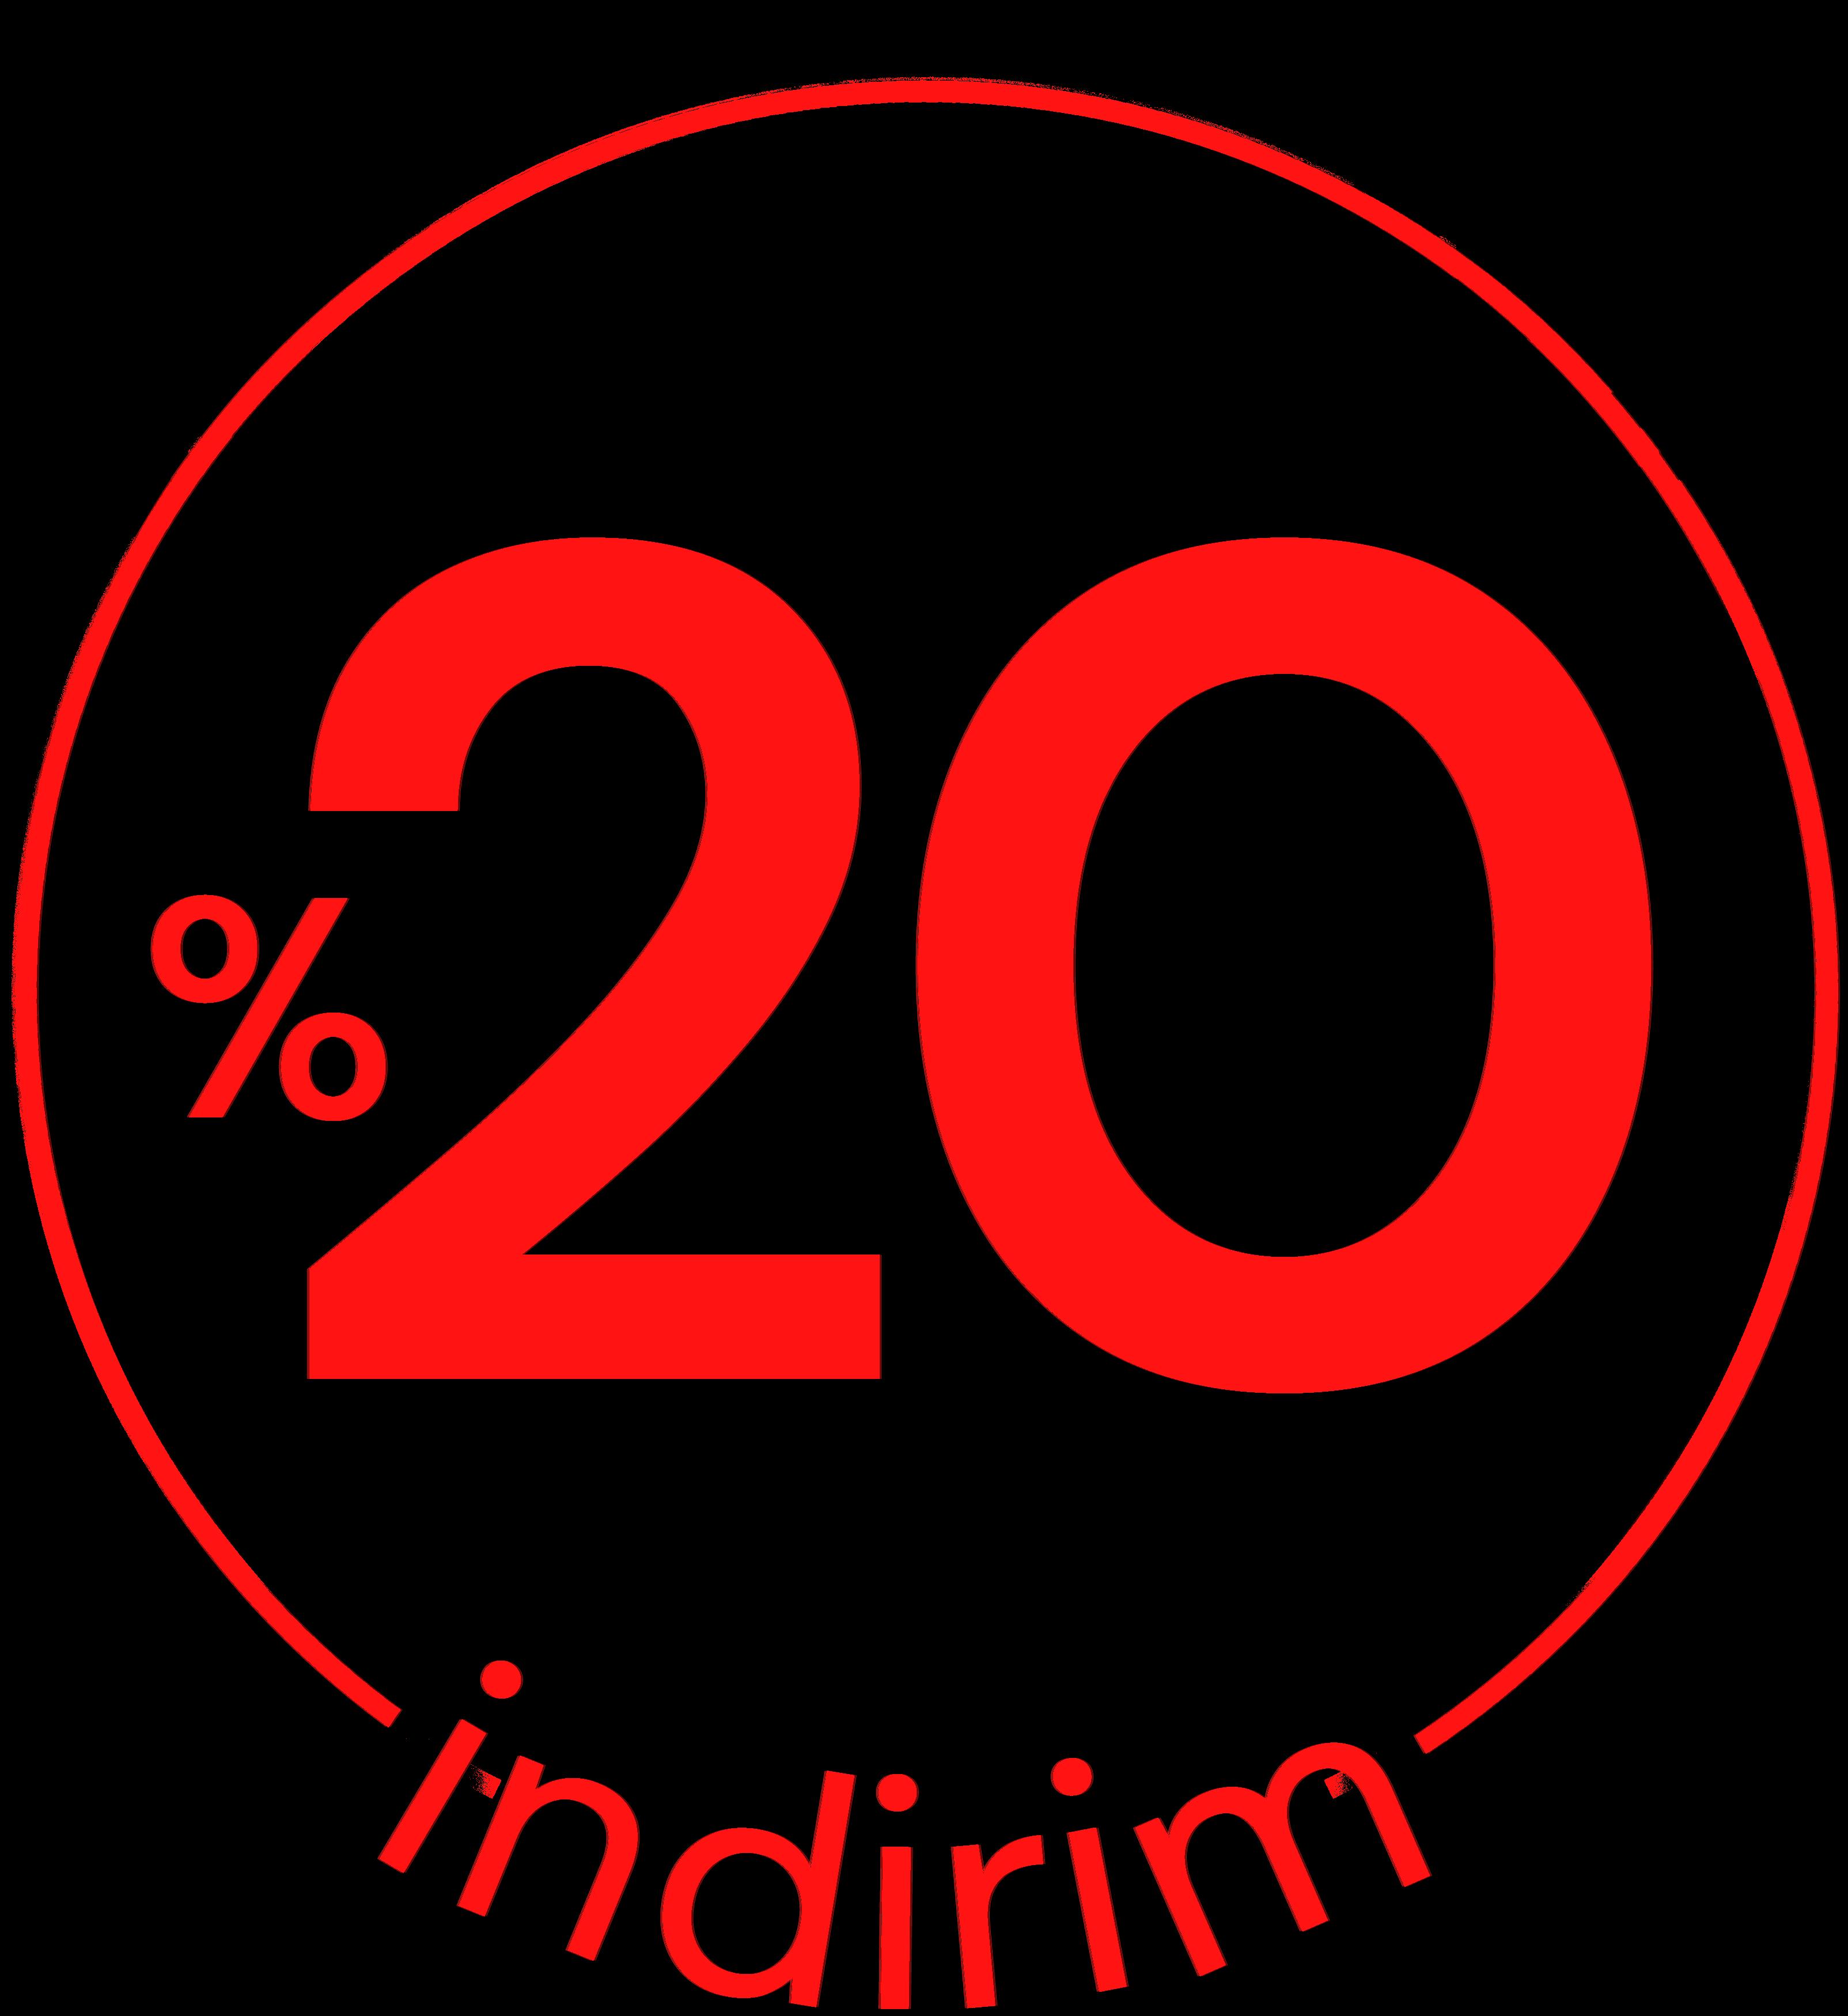 %20 İndirim